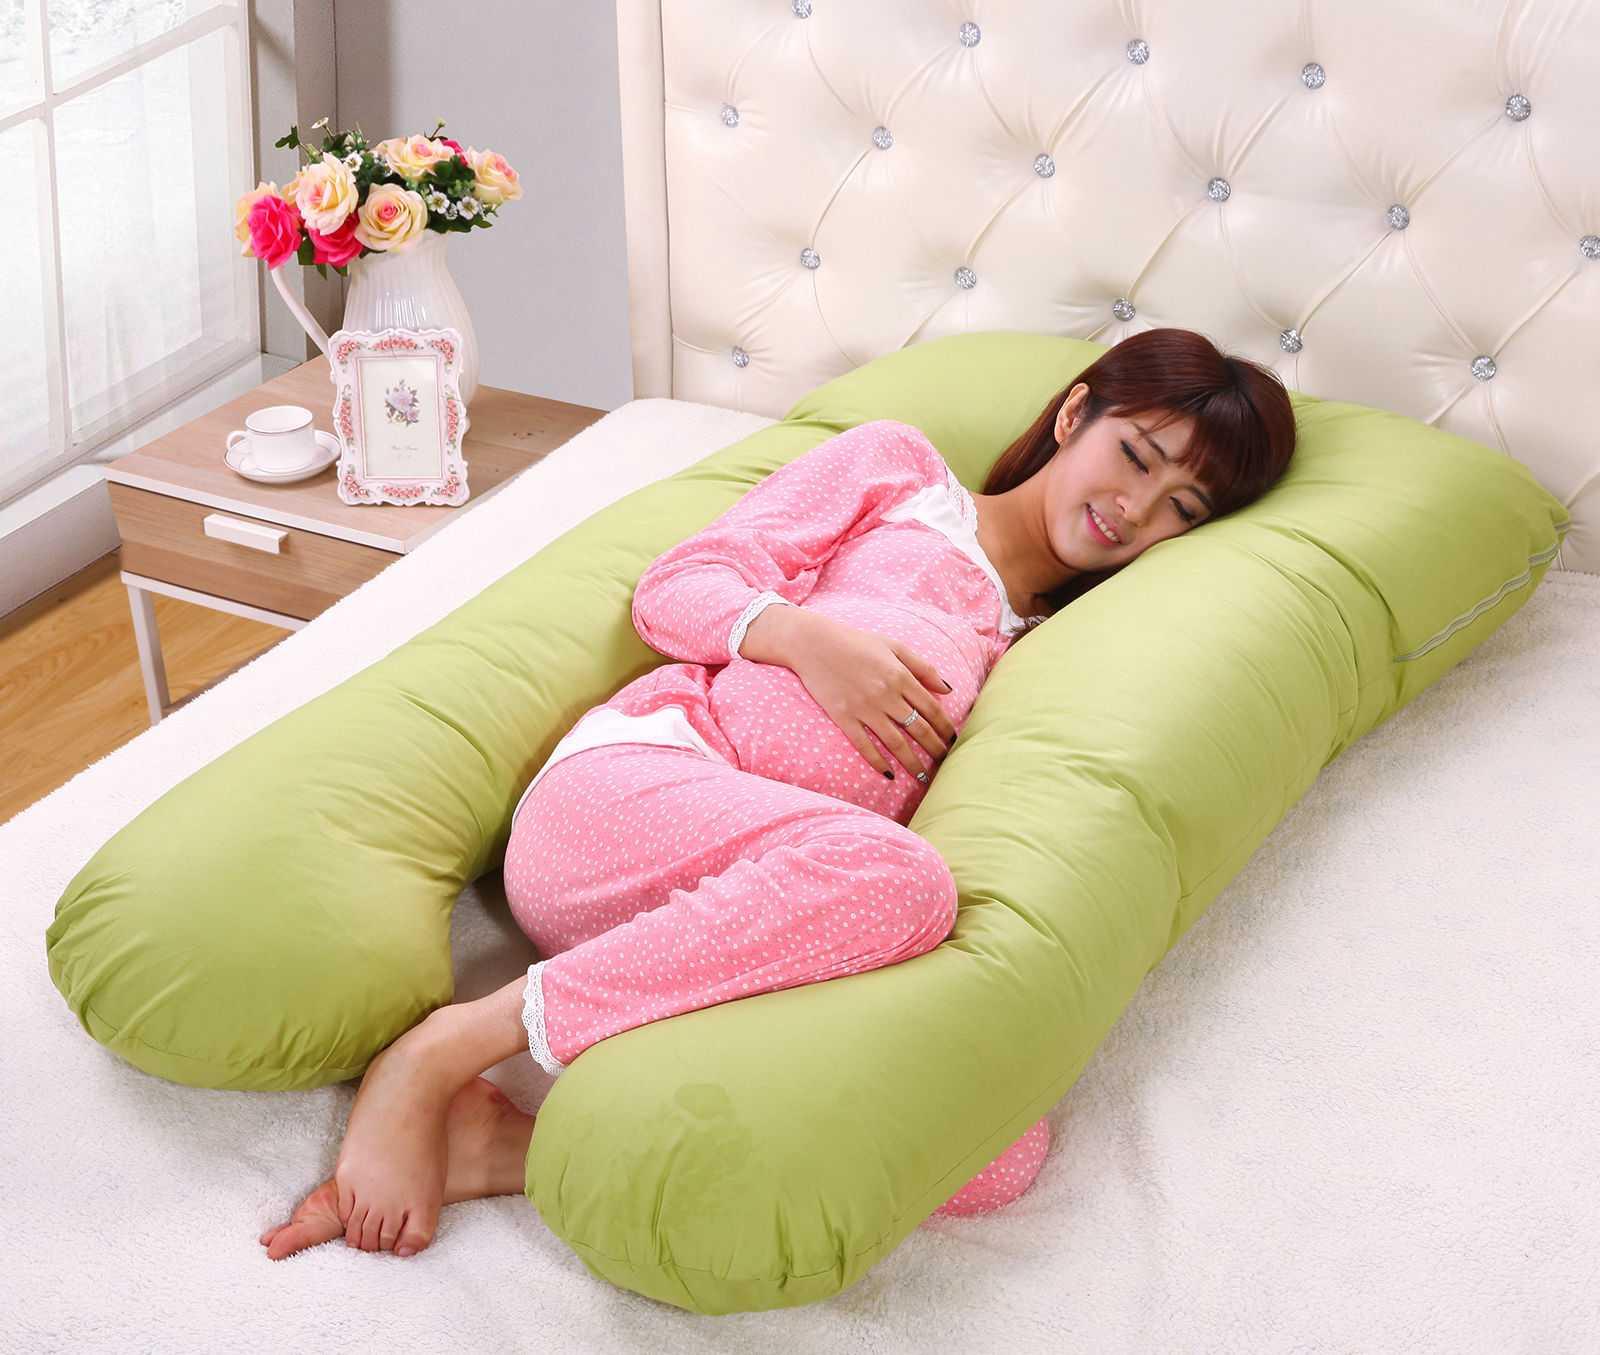 Подушки для беременных: какая лучше по форме выкроек и наполнению, как пользоваться, отзывы потребителей